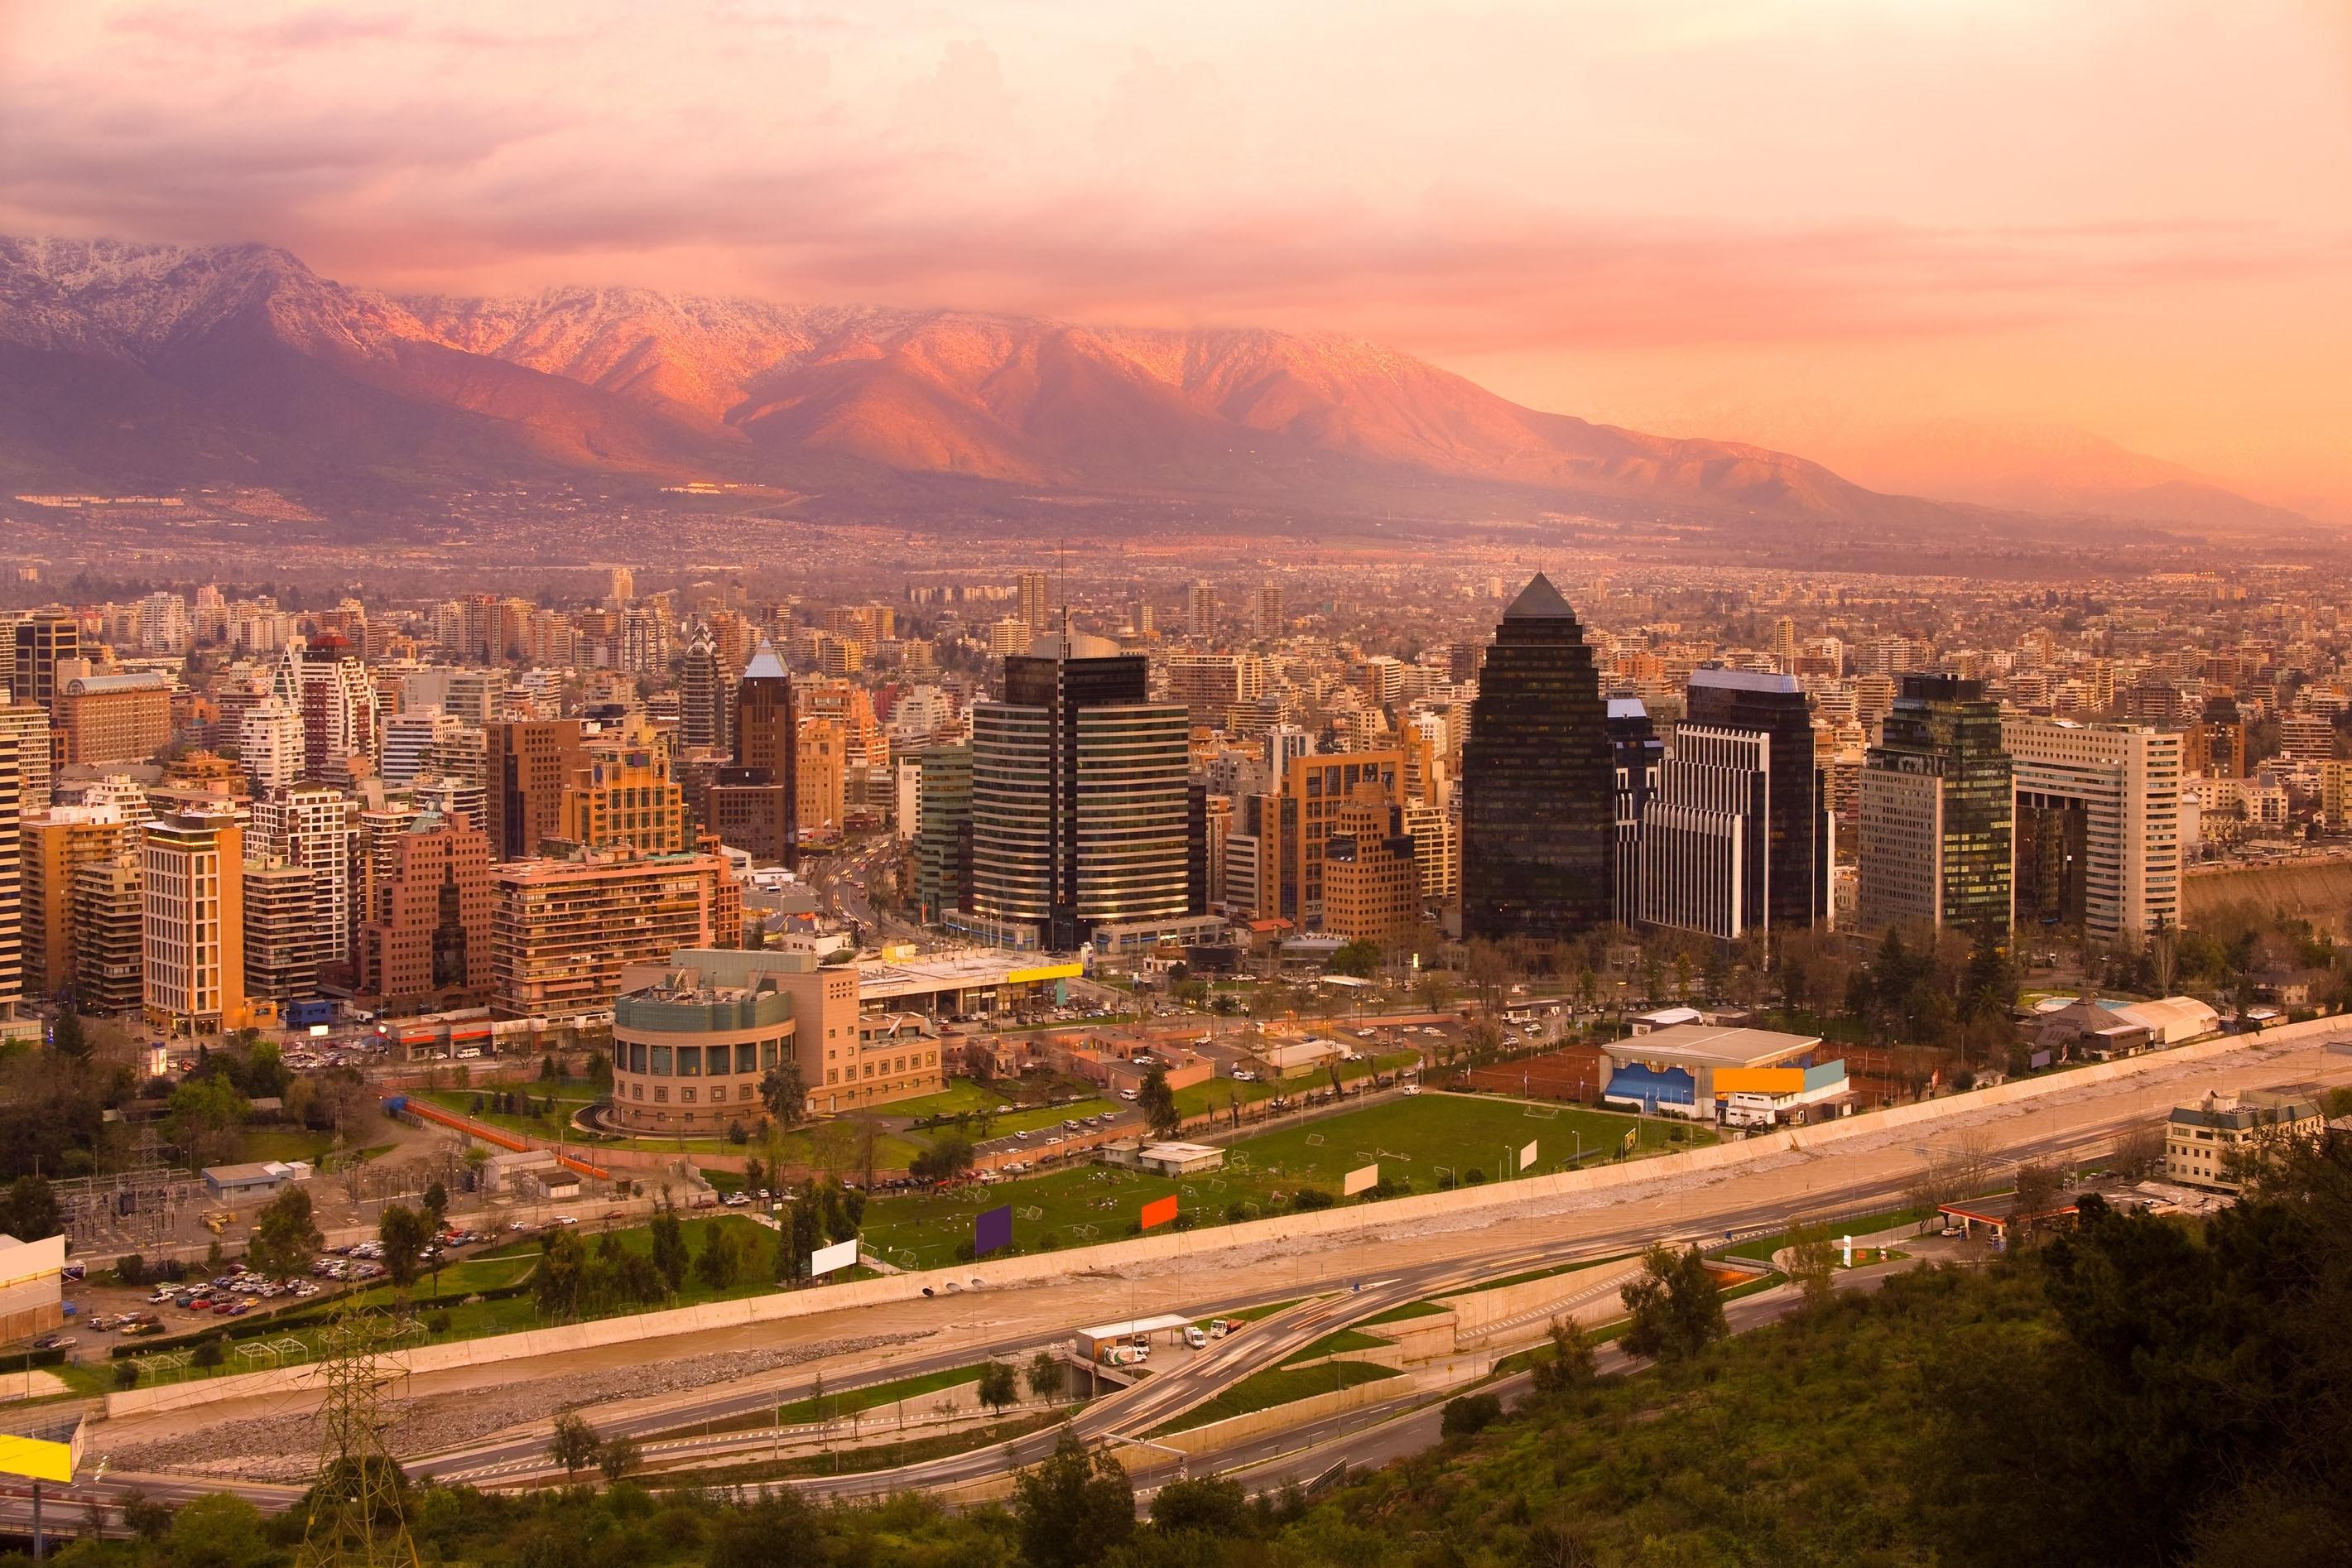 Las Condes, Santiago, Santiago Metropolitan Region, Chile